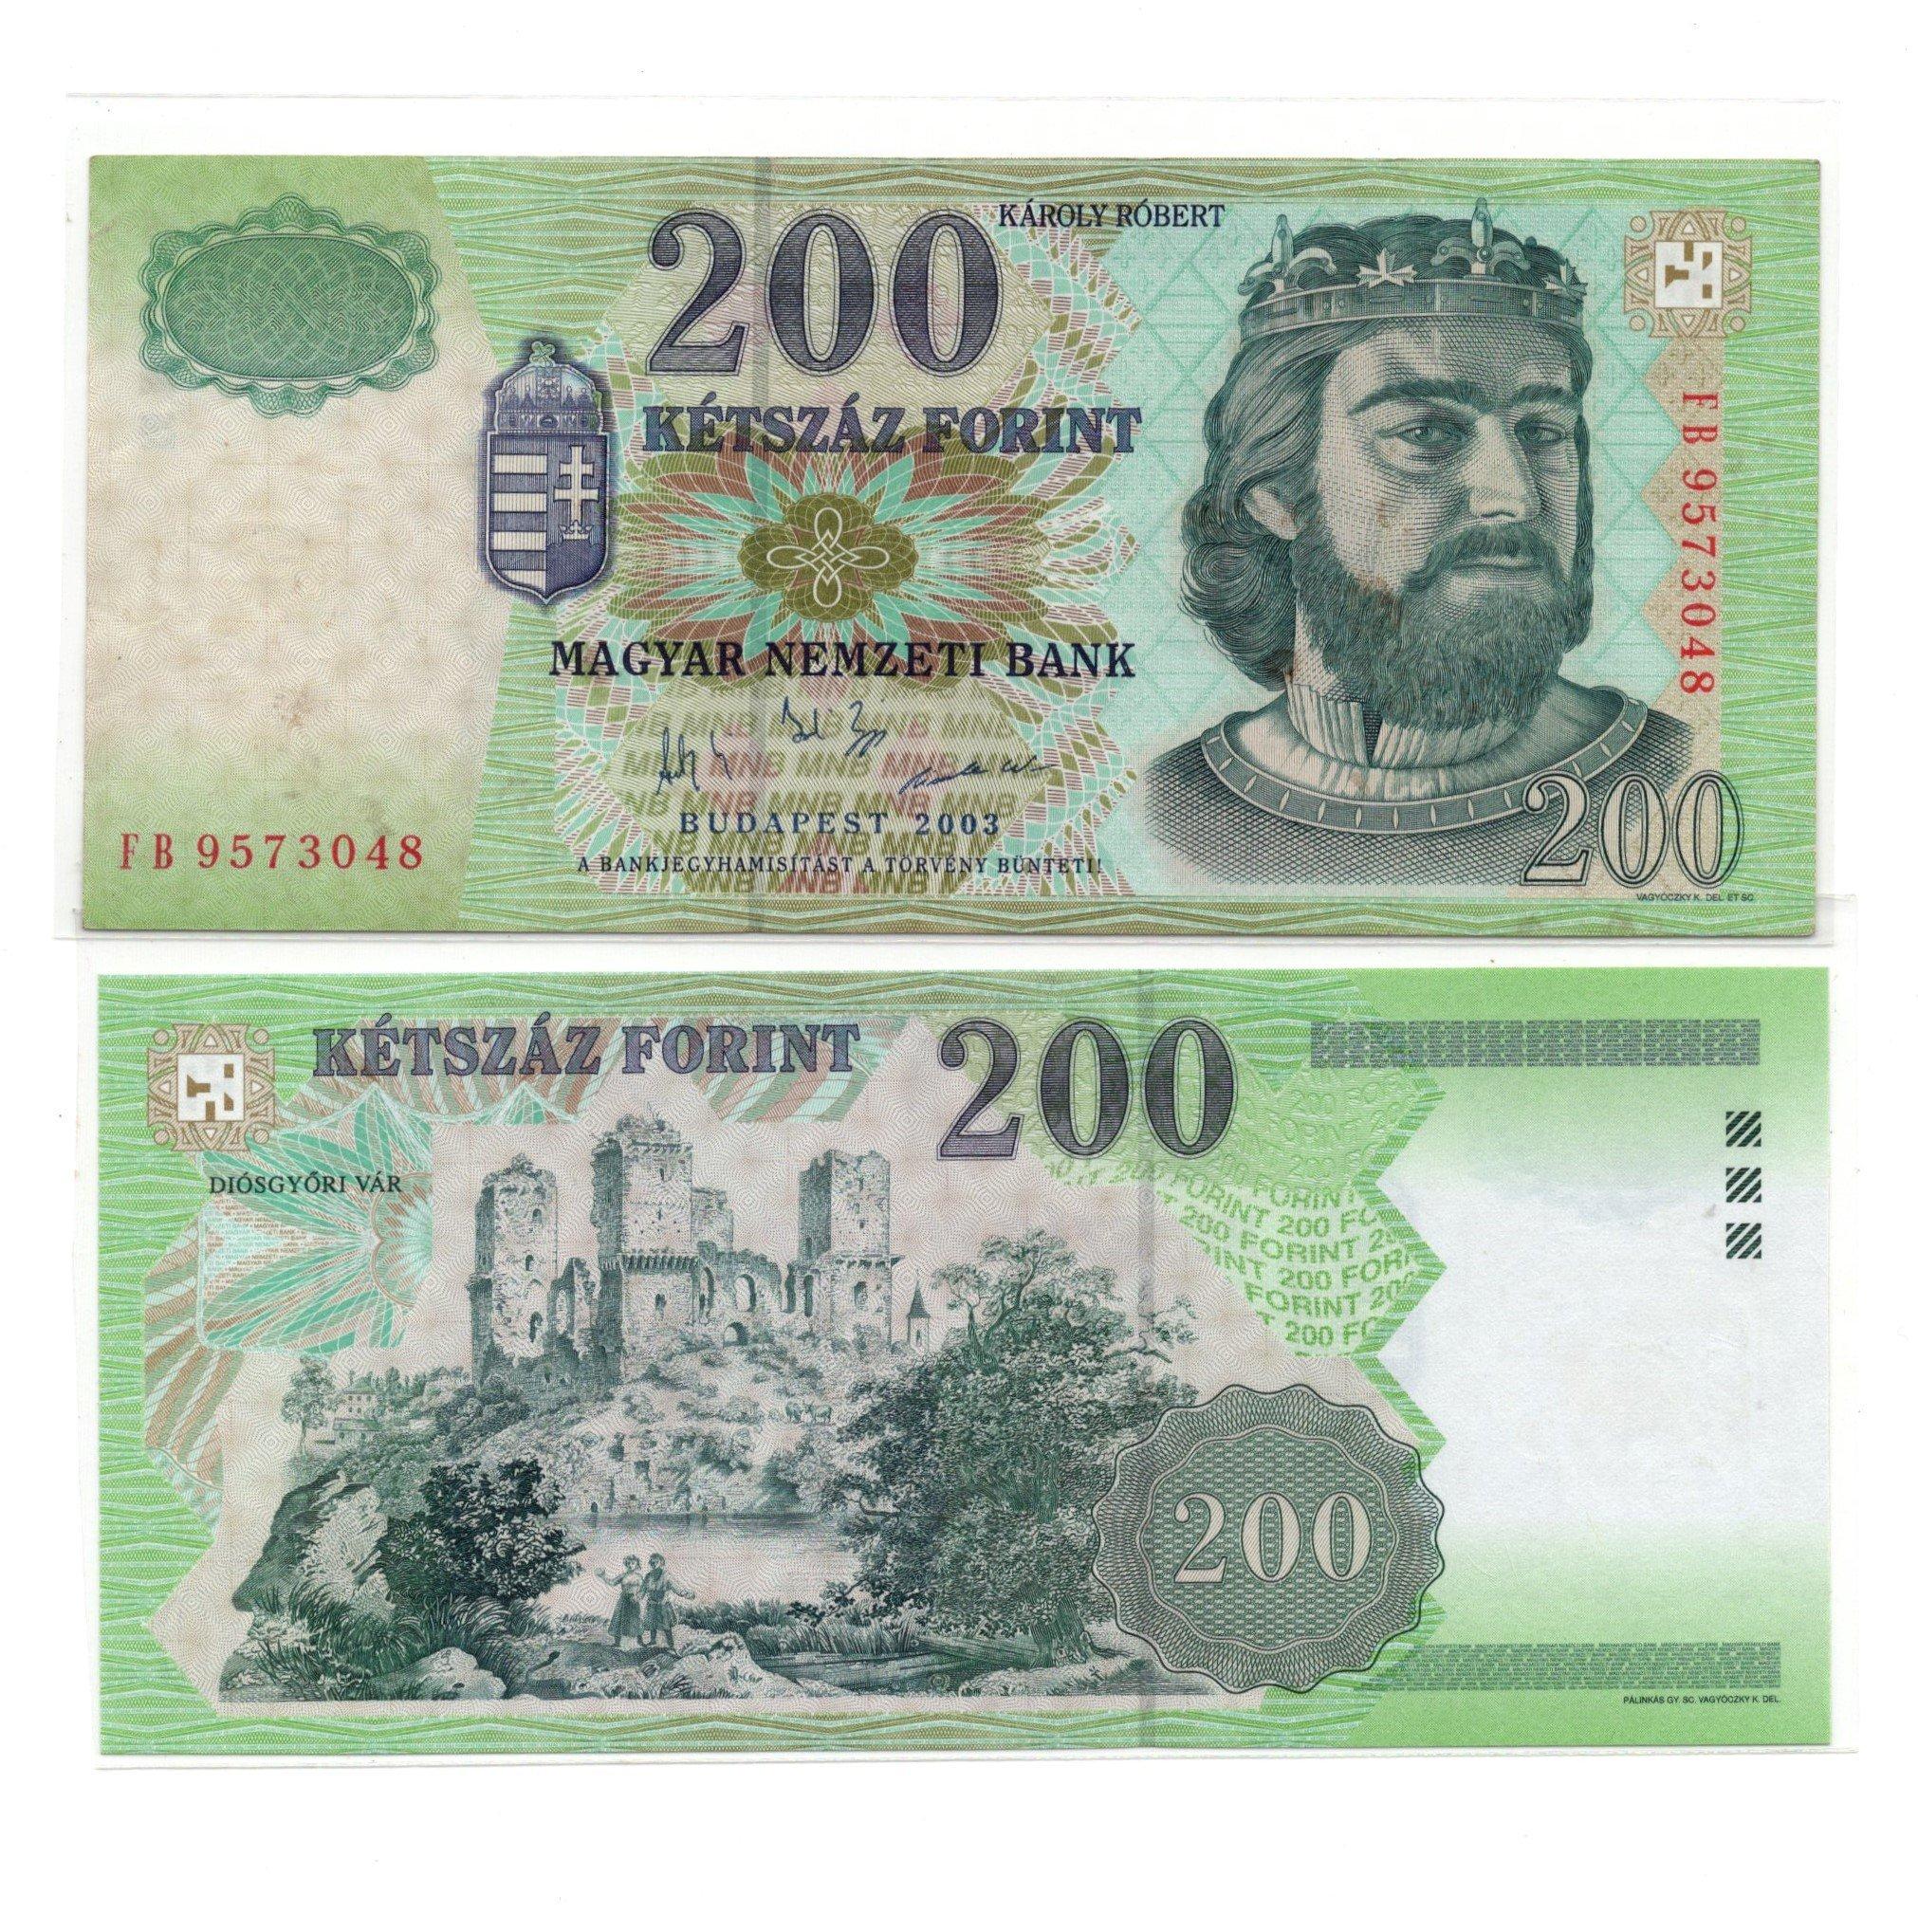 Hungary 200 forint 2001